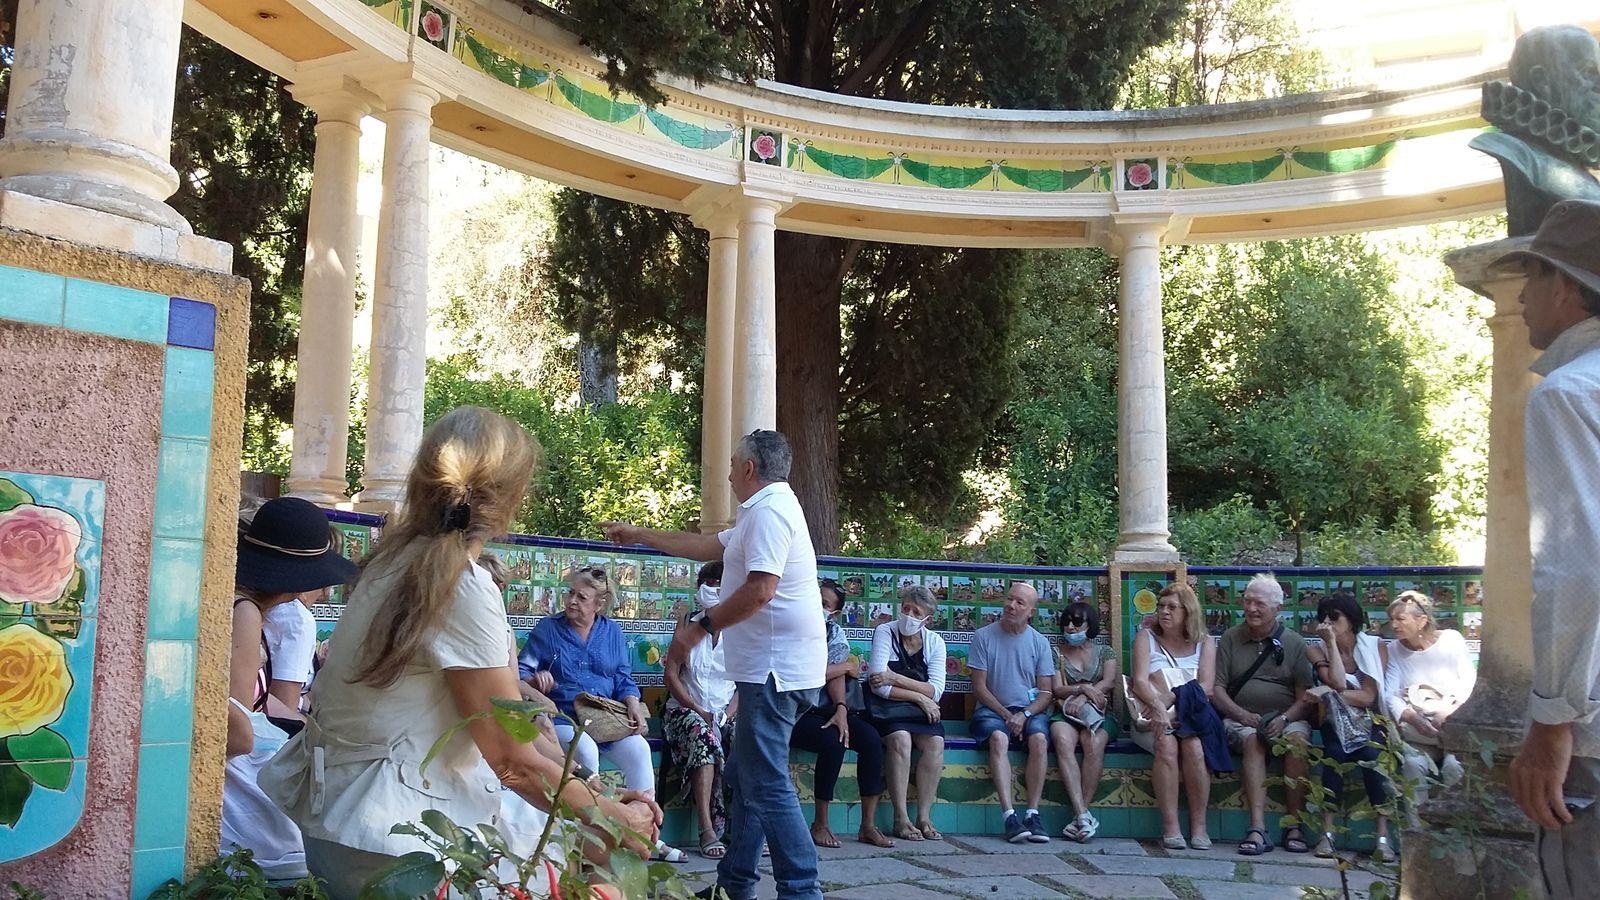 Festival du livre d'occasion 2021 du Cercle à Fontana Rosa